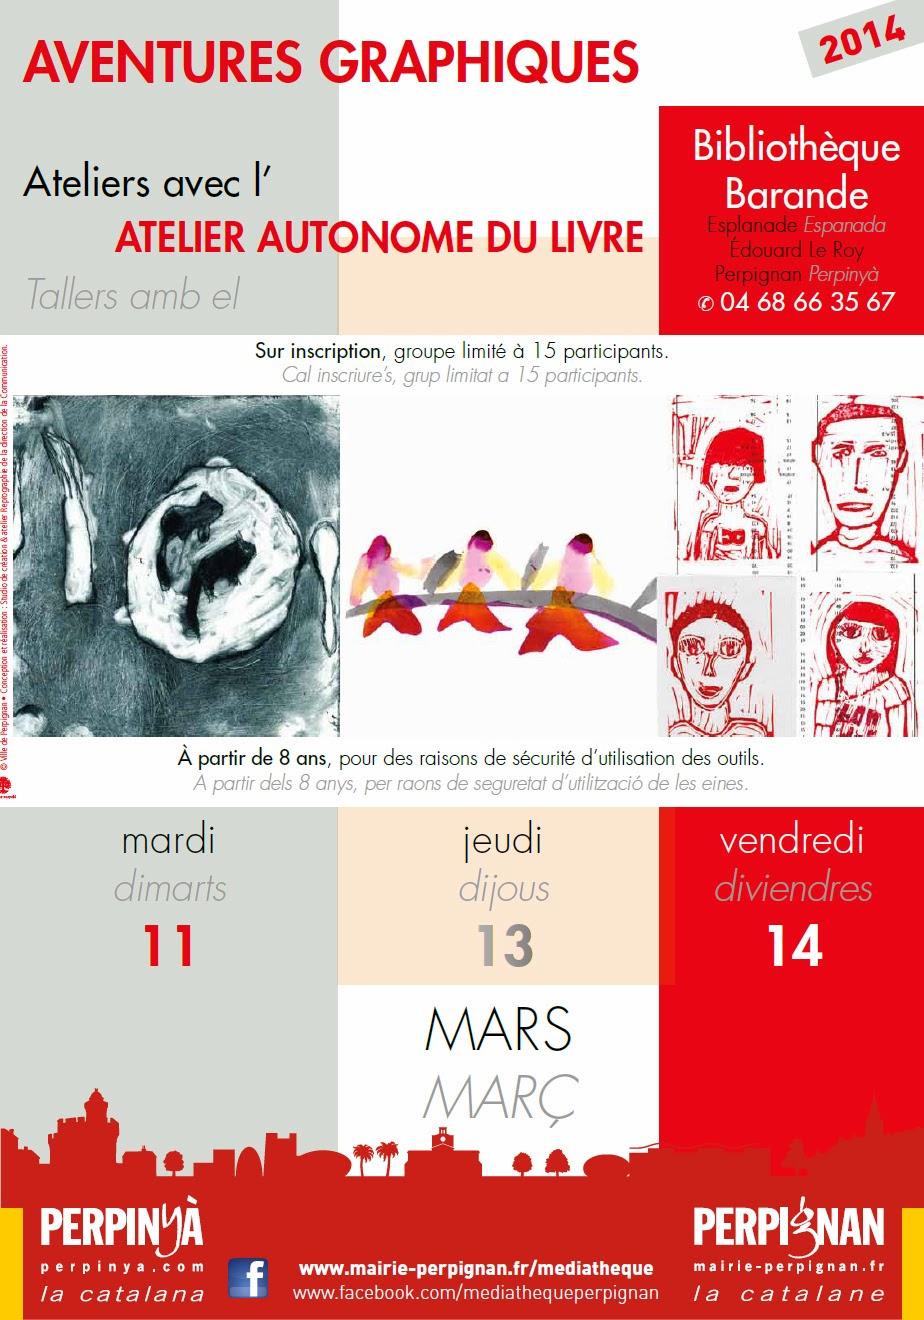 http://www.mairie-perpignan.fr/ca/news/atelier-autonome-livre